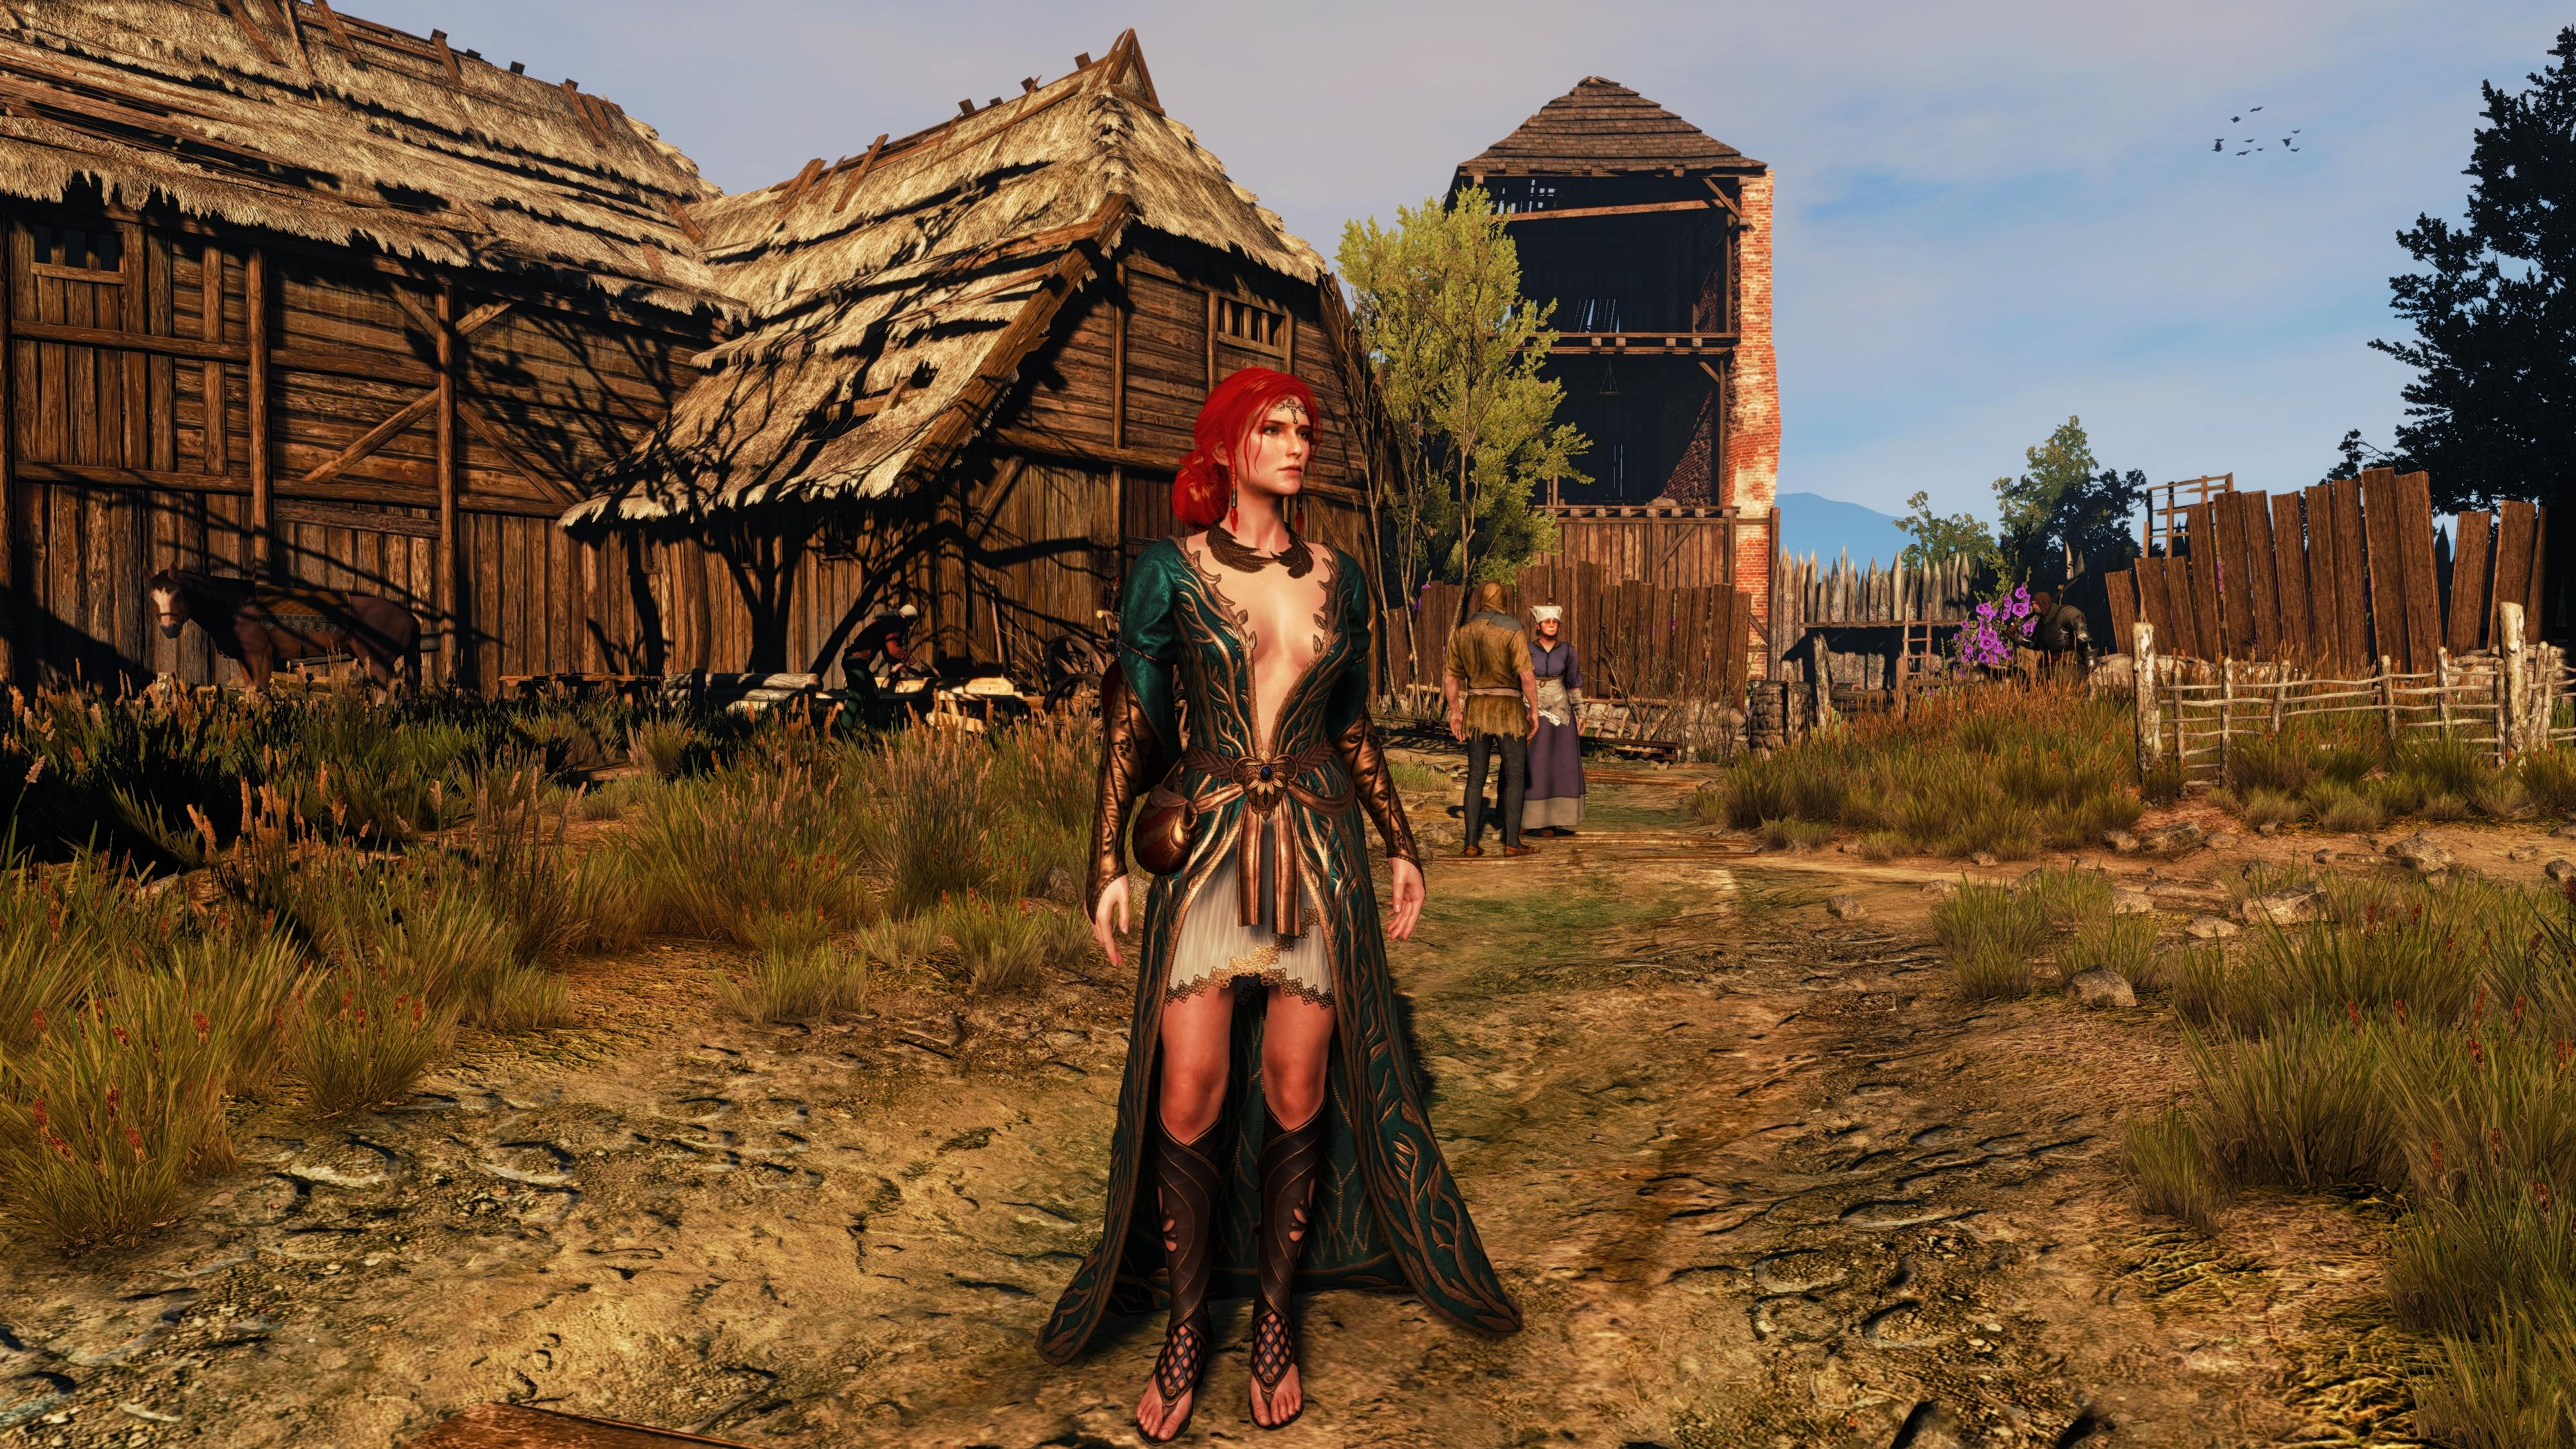 Witcher 3 Geralt And Ciri Proper 2560x1440 By Scratcherpen